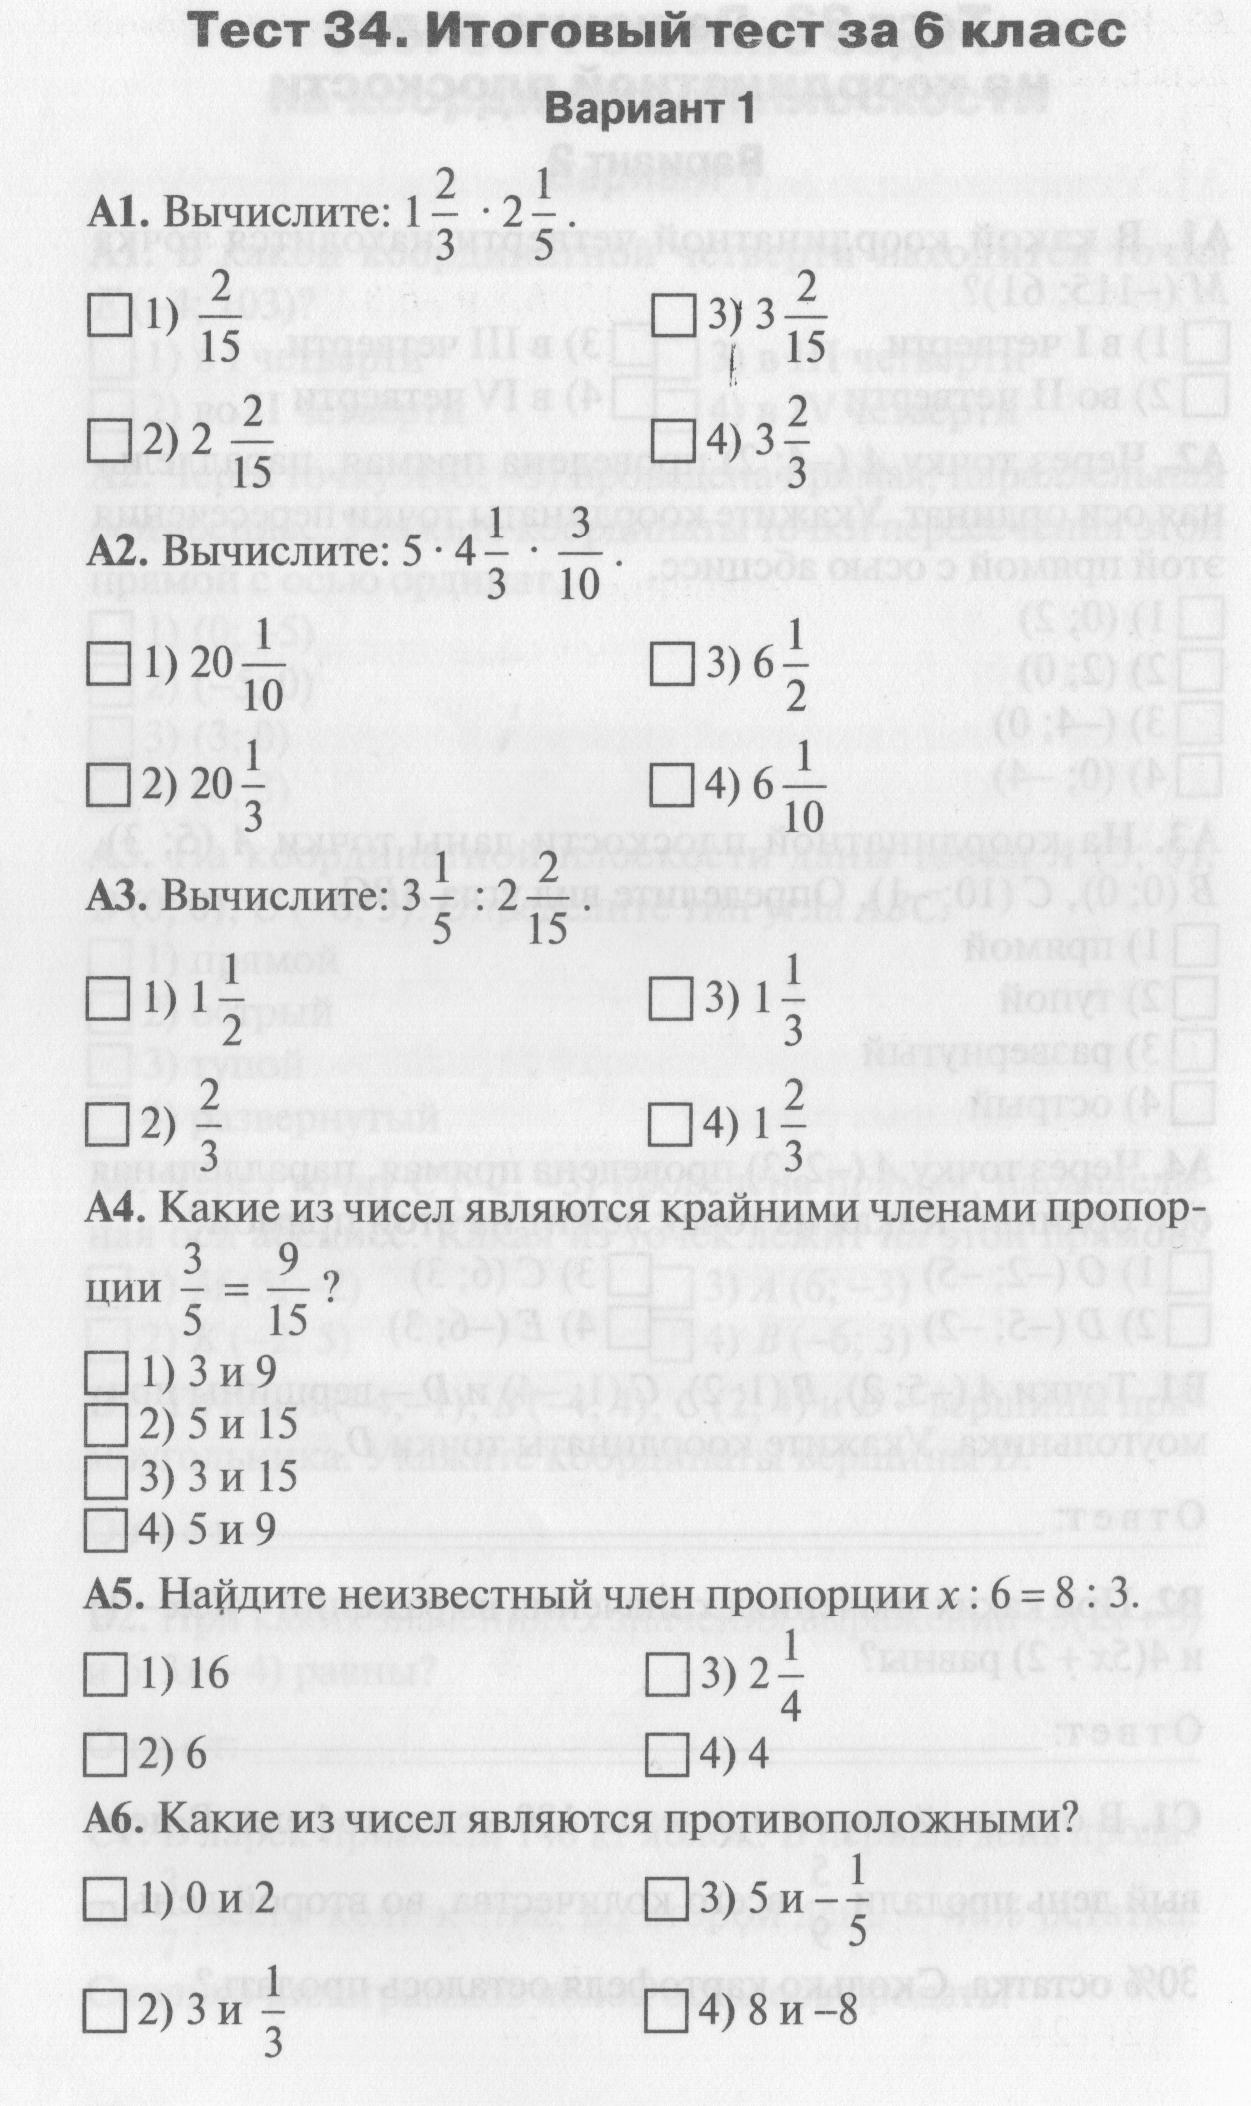 Смотреть ответы на вопросы по географии 7 класс з я андриевская